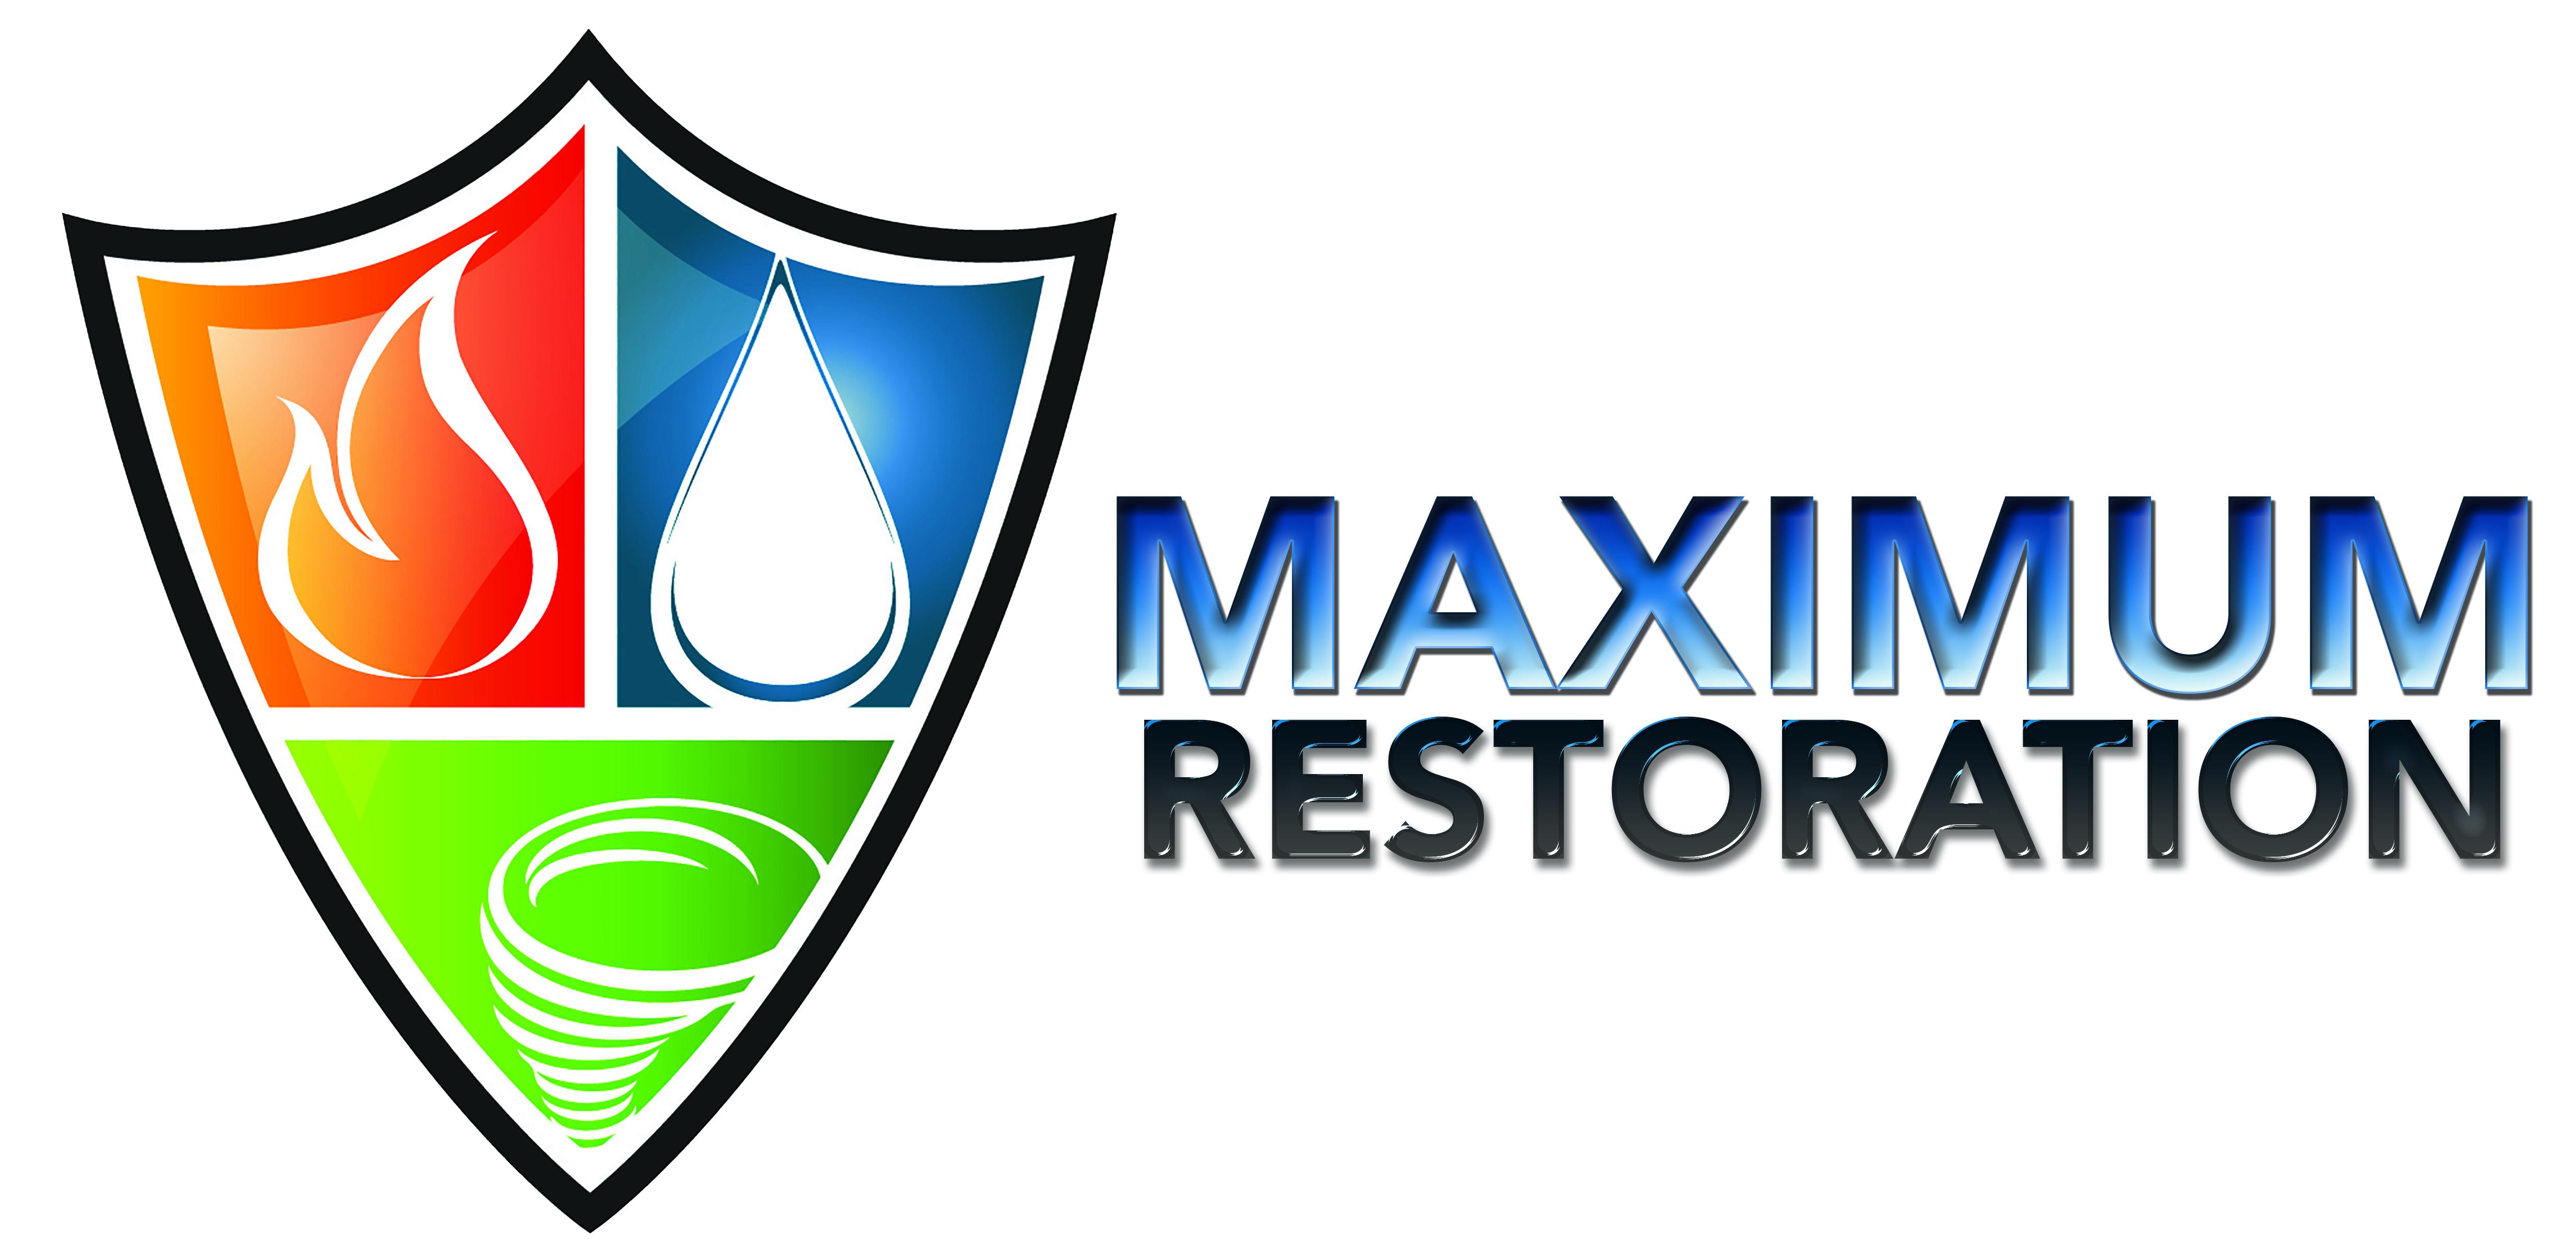 Maximum Restoration